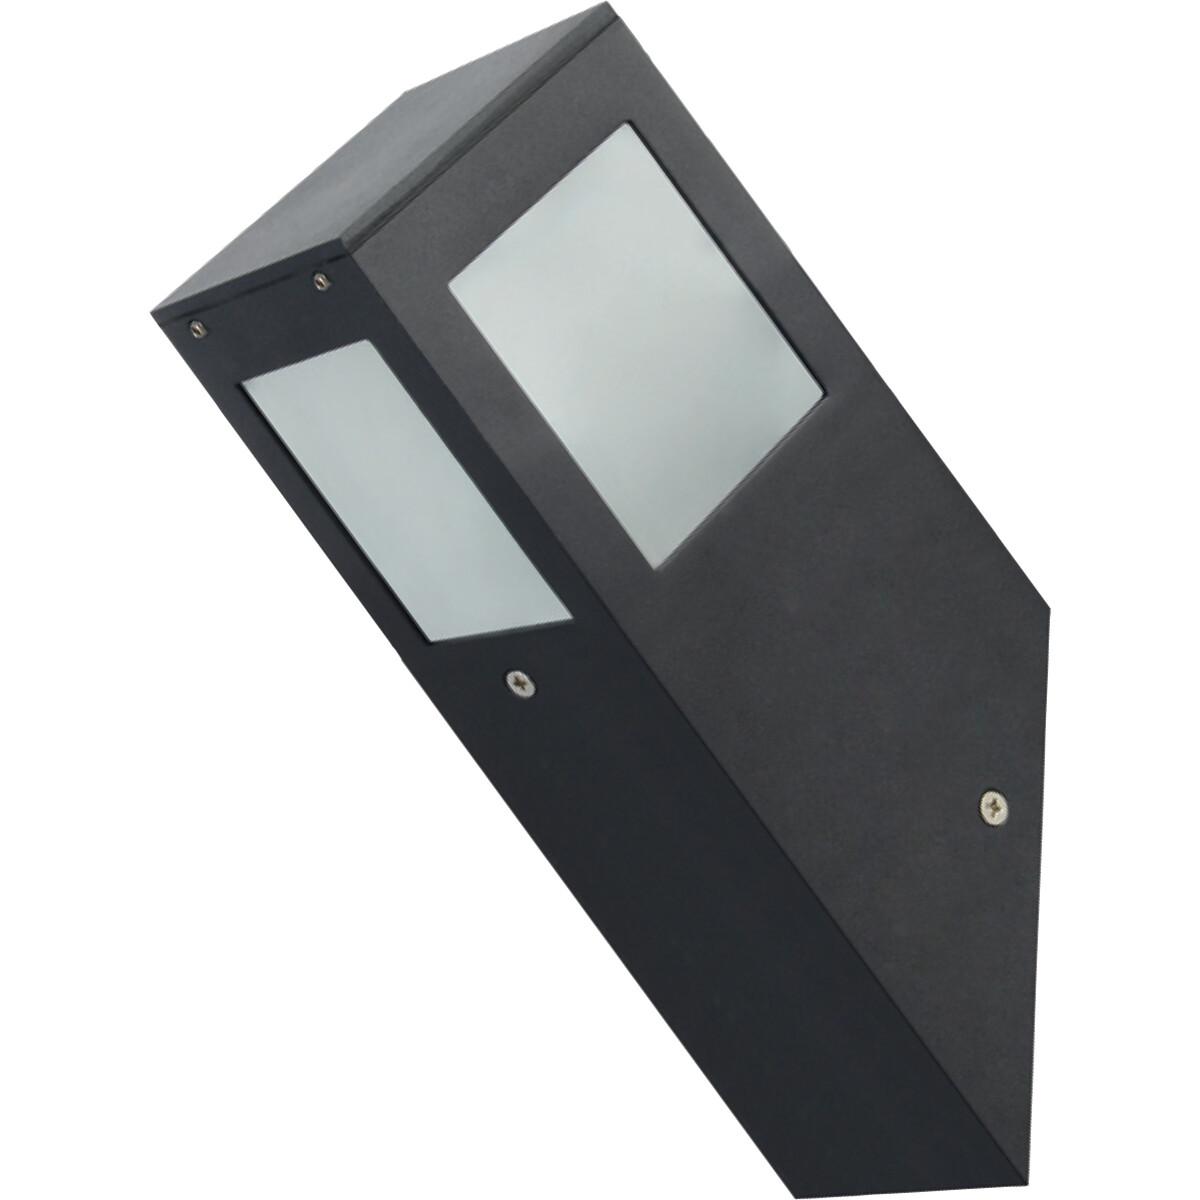 LED Tuinverlichting - Buitenlamp - Kavy 1 - Wand - Aluminium Mat Zwart - E27 - Vierkant